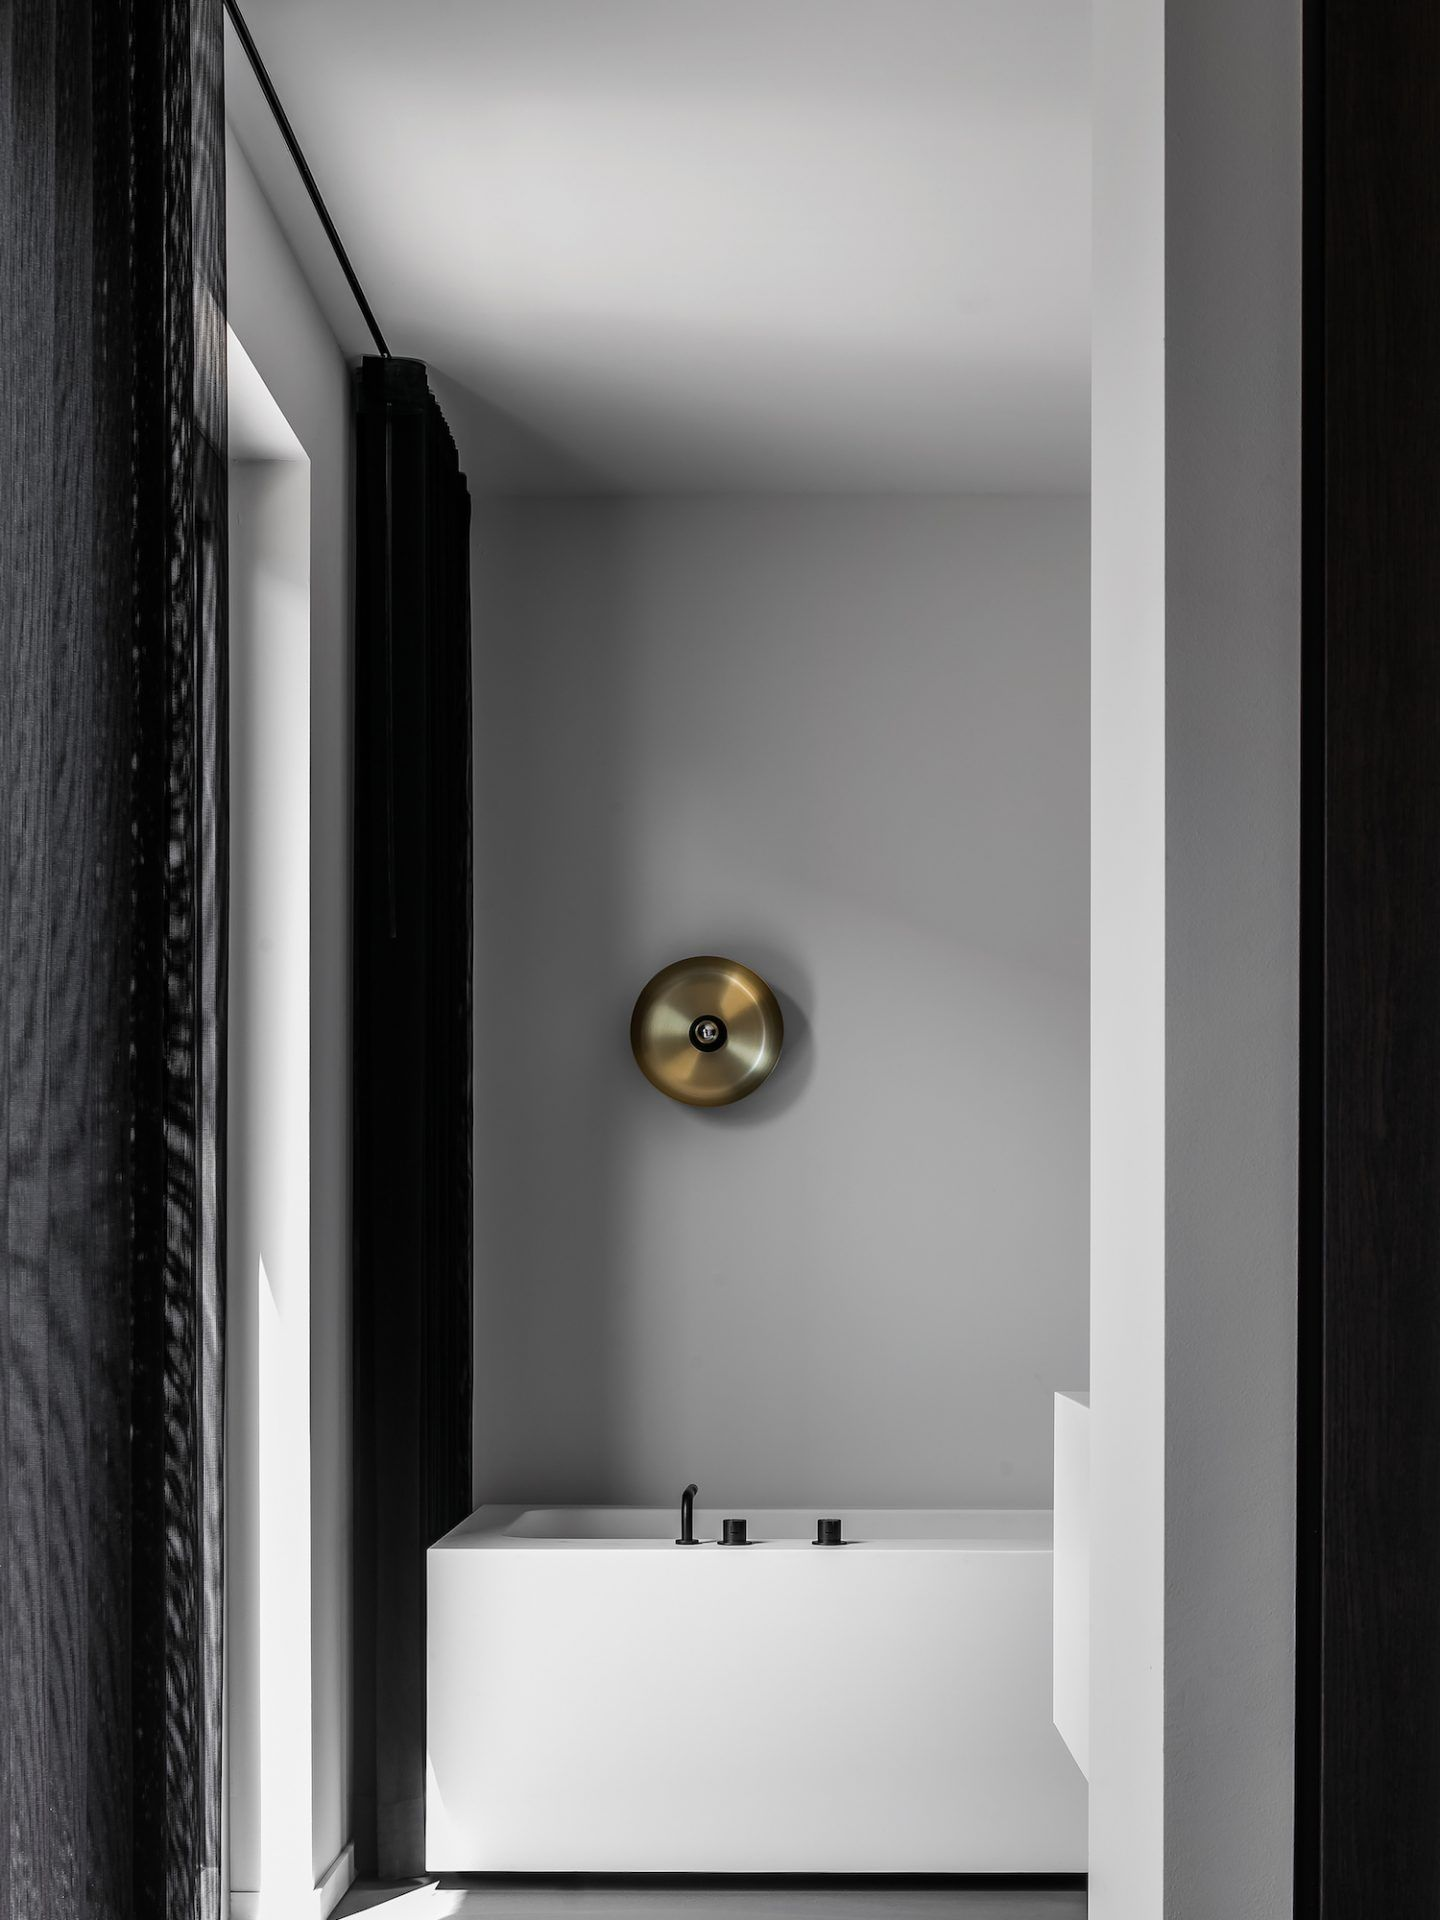 IGNANT-Architecture-Niels-Maier-Oblique-House-09